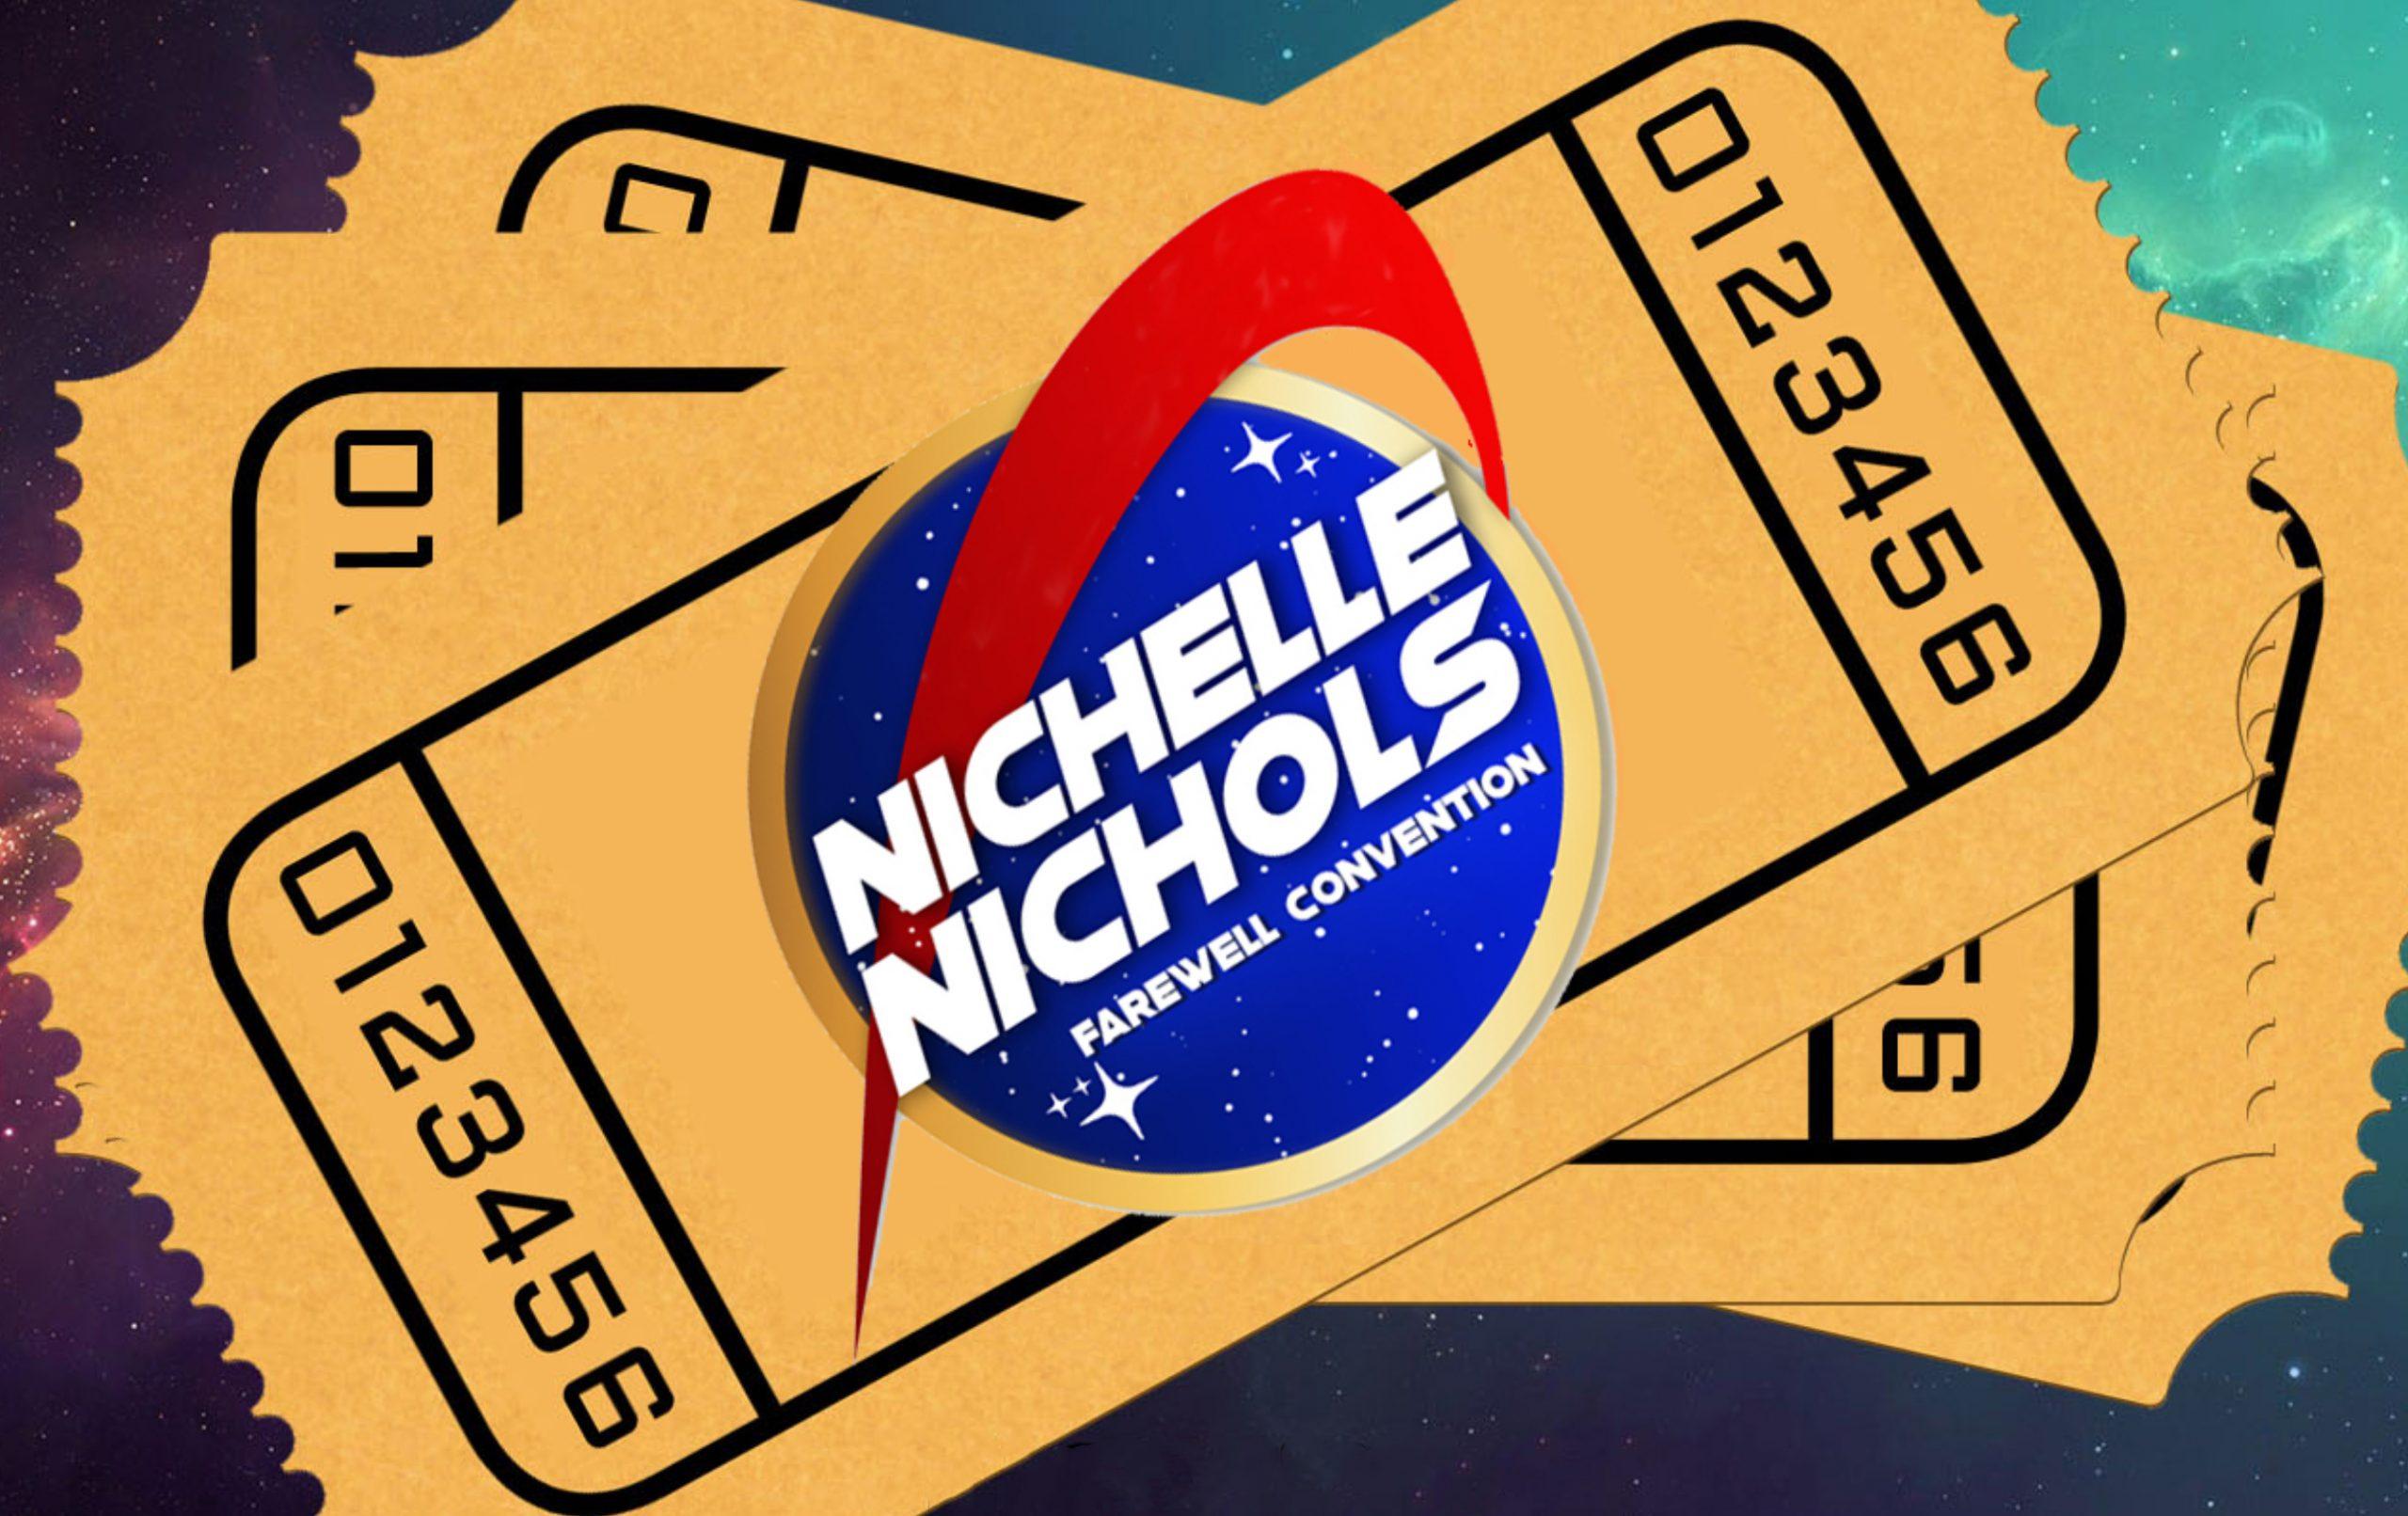 Nichelle crop ticket